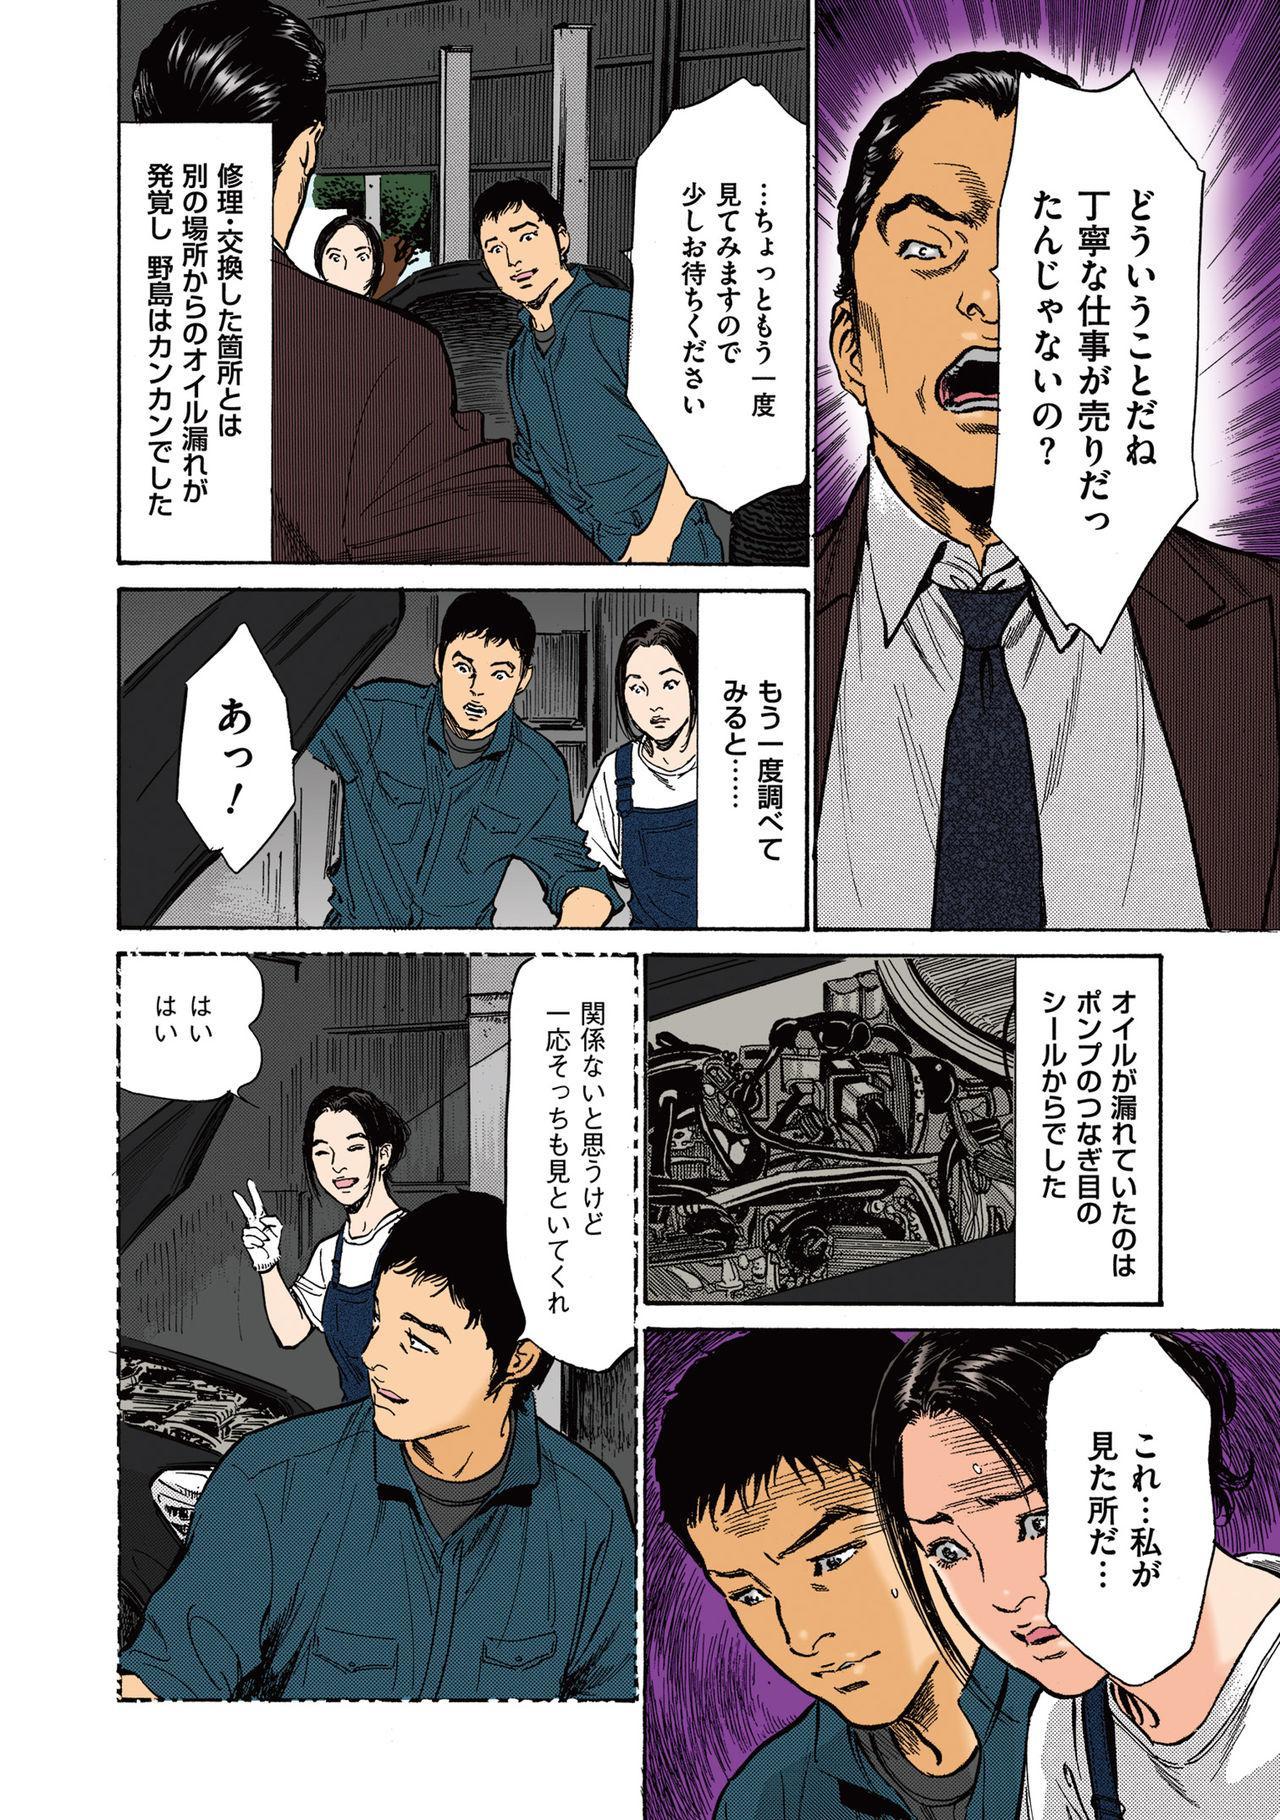 [Hazuki Kaoru] Hazuki Kaoru no Tamaranai Hanashi (Full Color Version) 2-1 73